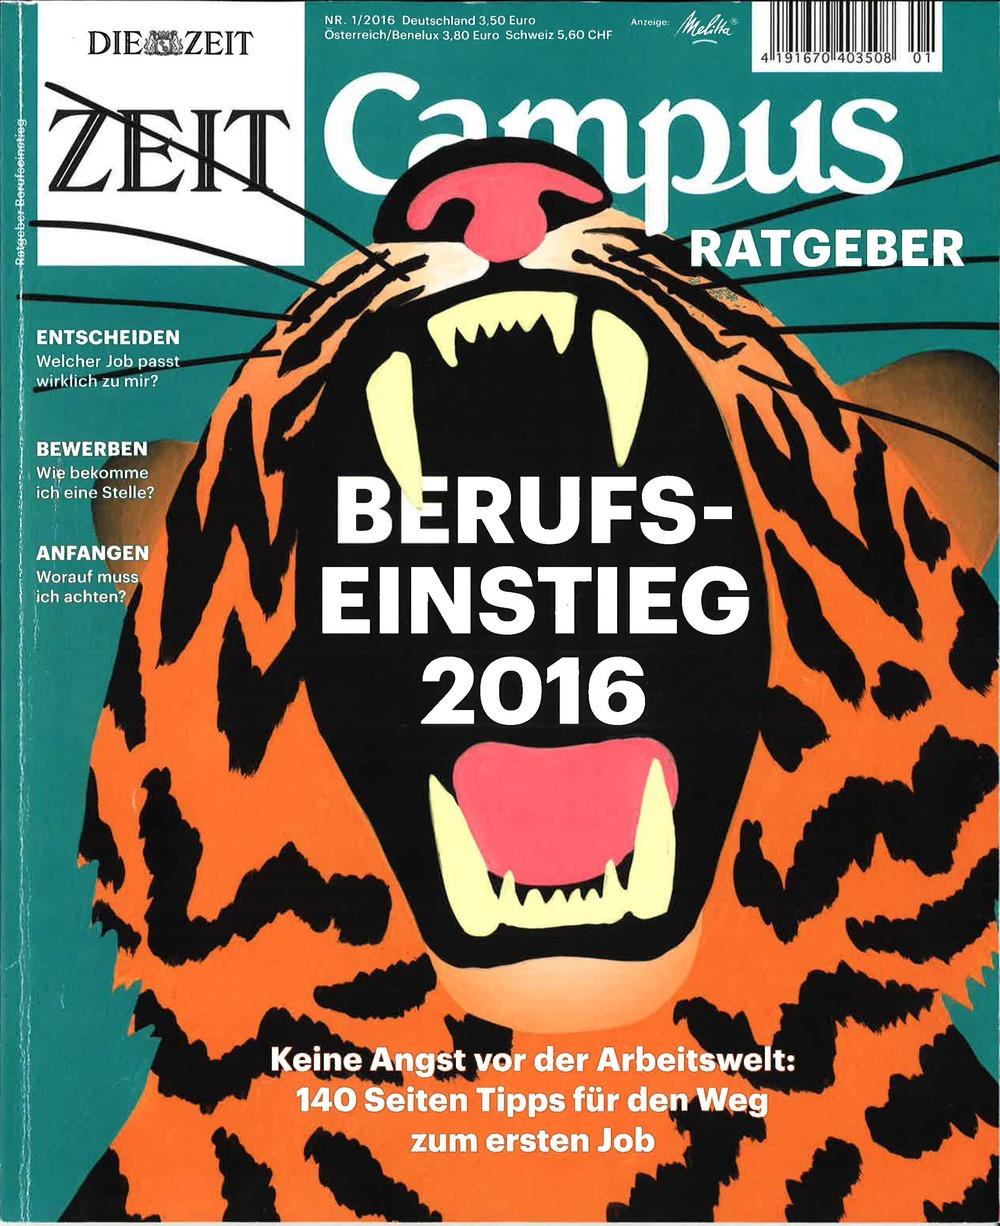 HIrschi_ZeitCampus2015_Seite_1.jpg